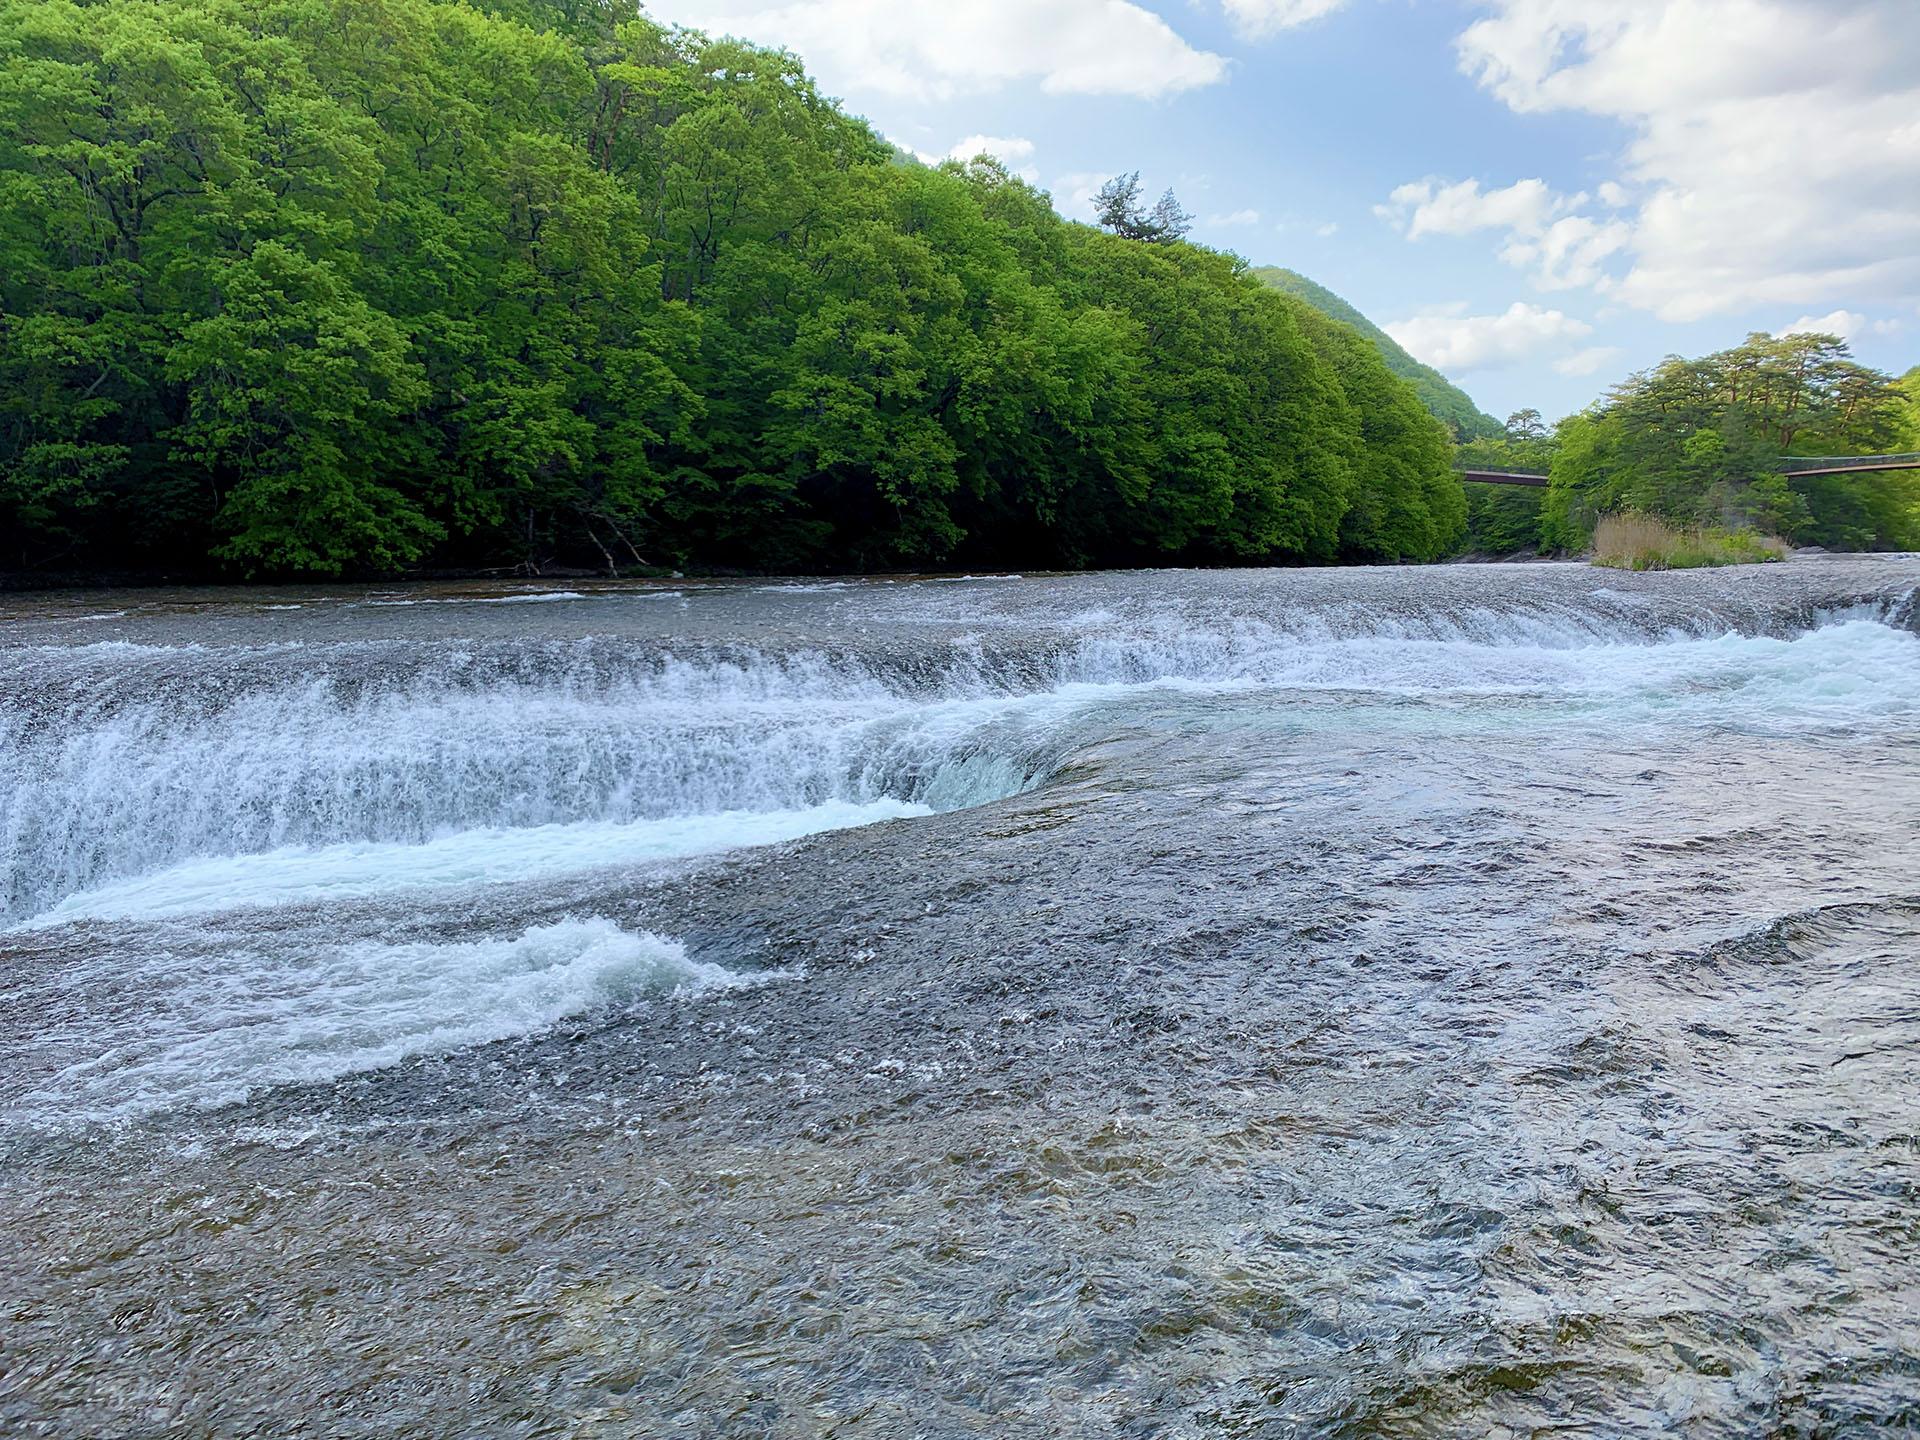 群馬県にある観光名所の「吹割の滝」